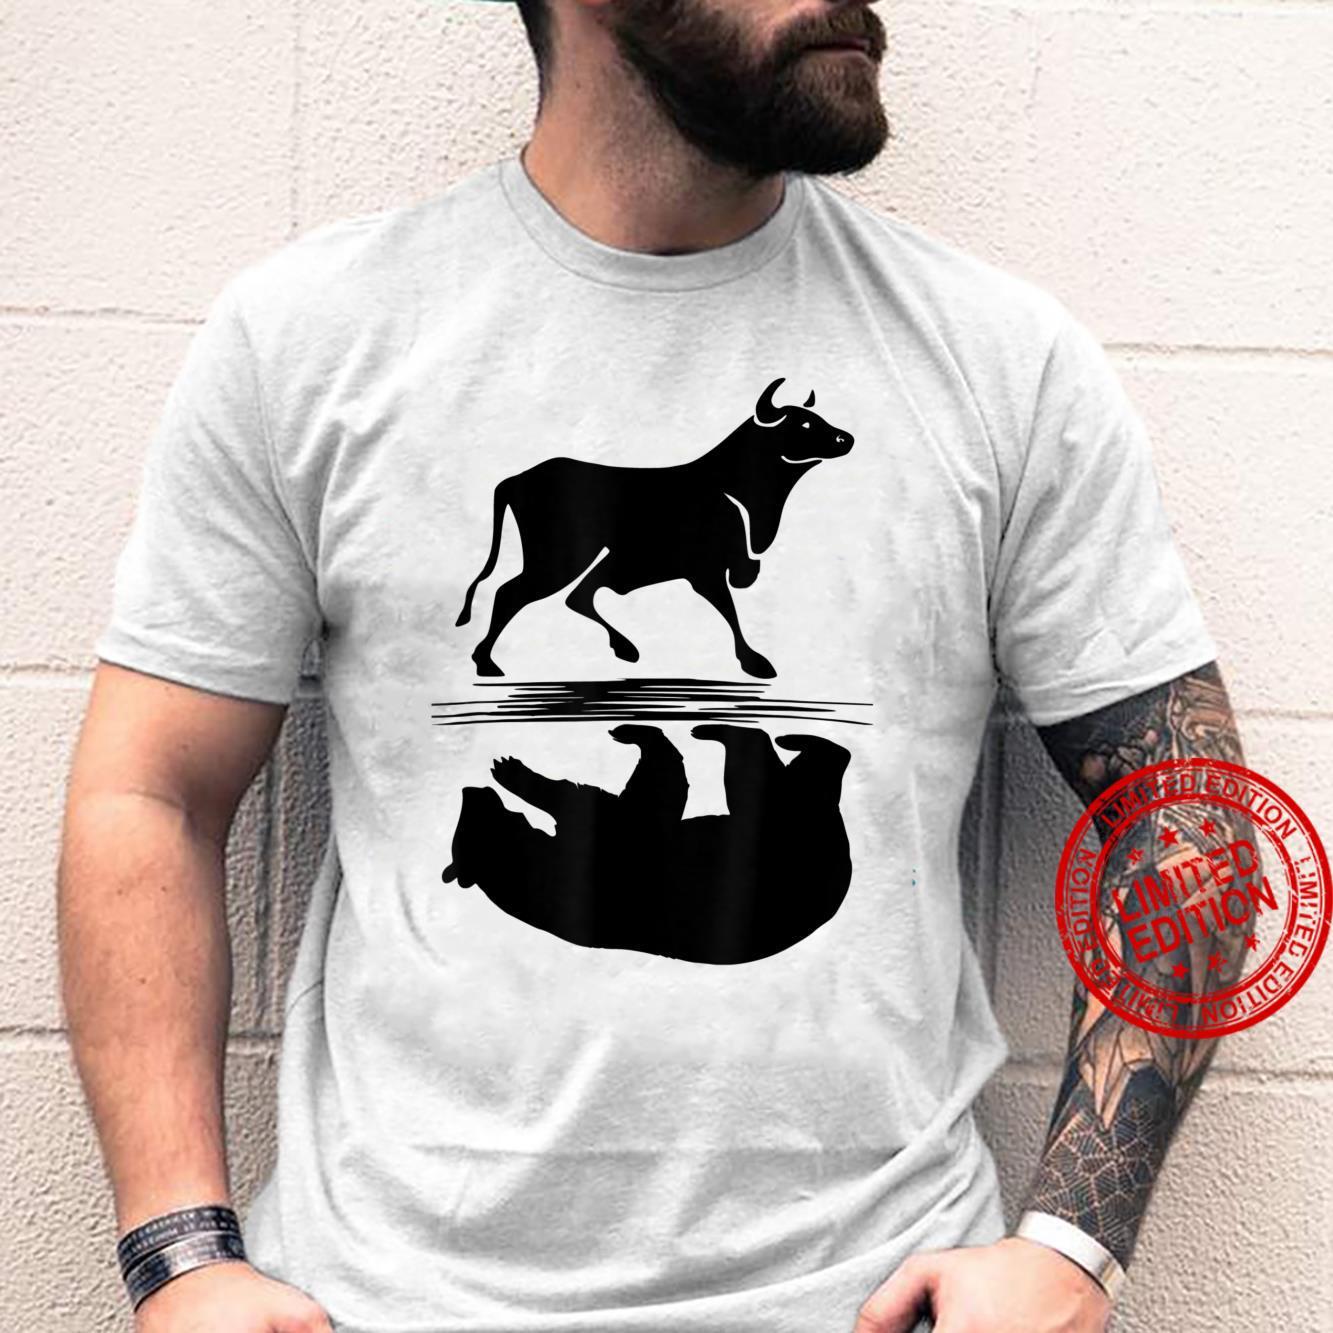 Stock Market Bull Bear Investing Trading Money Cash Shirt